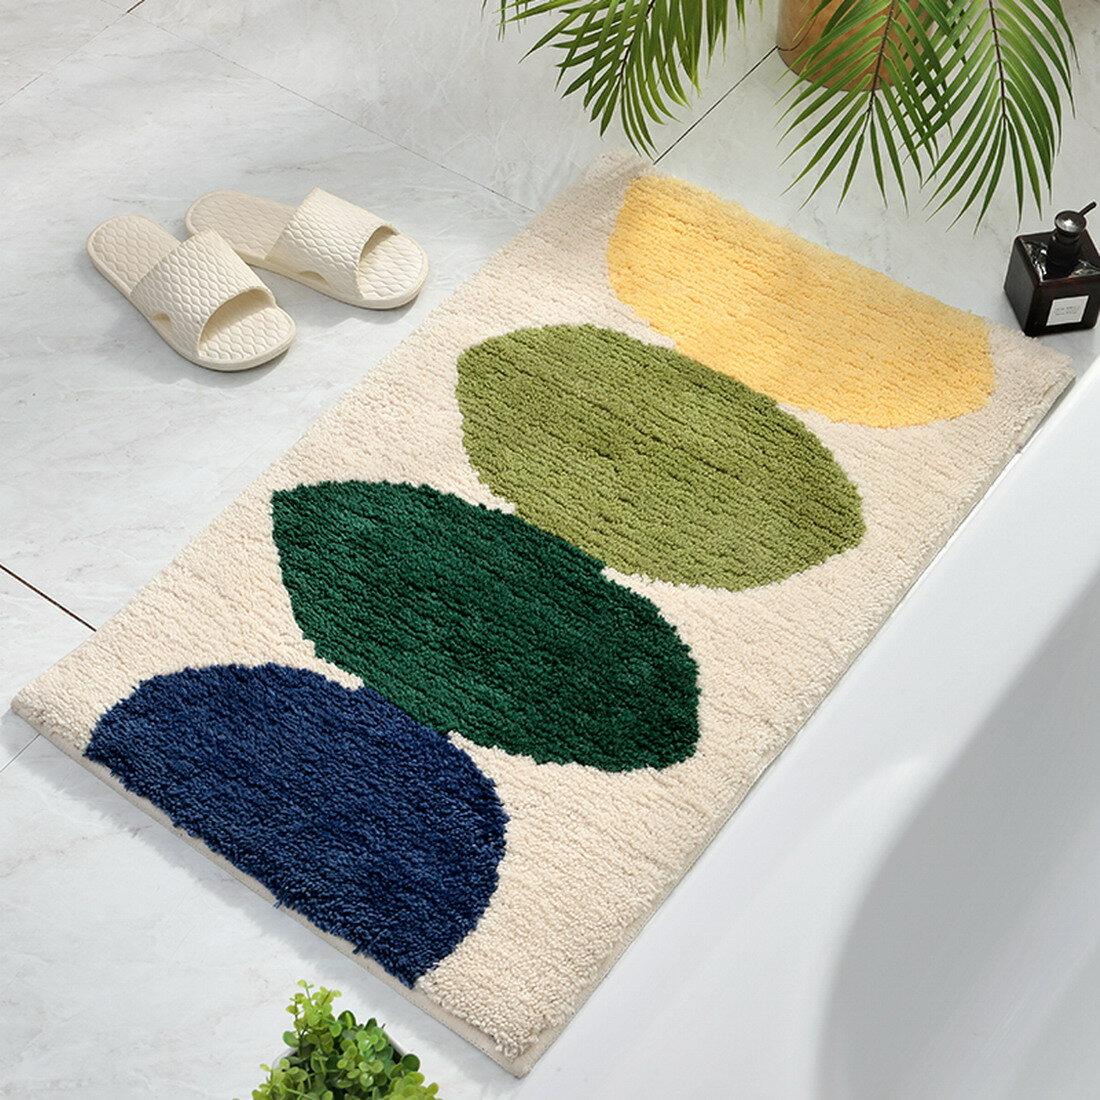 Ebern Designs Alamanda Luxury Soft Shaggy Bath Rug Reviews Wayfair